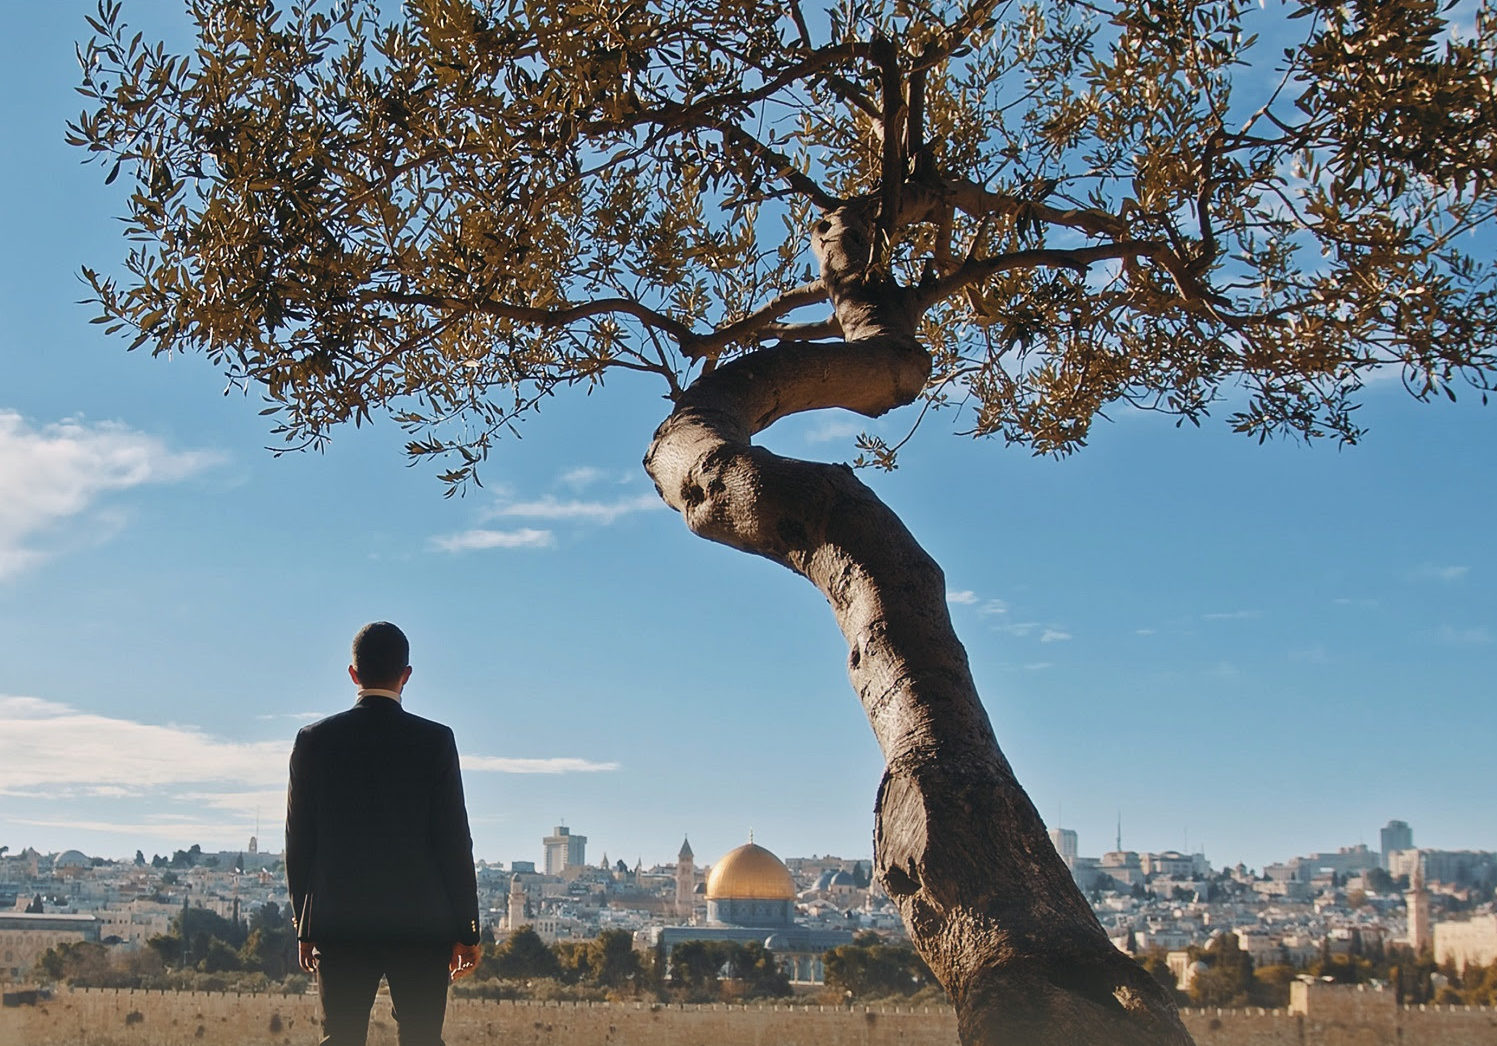 izlazi u Jeruzalemu web stranice za upoznavanje anđeo